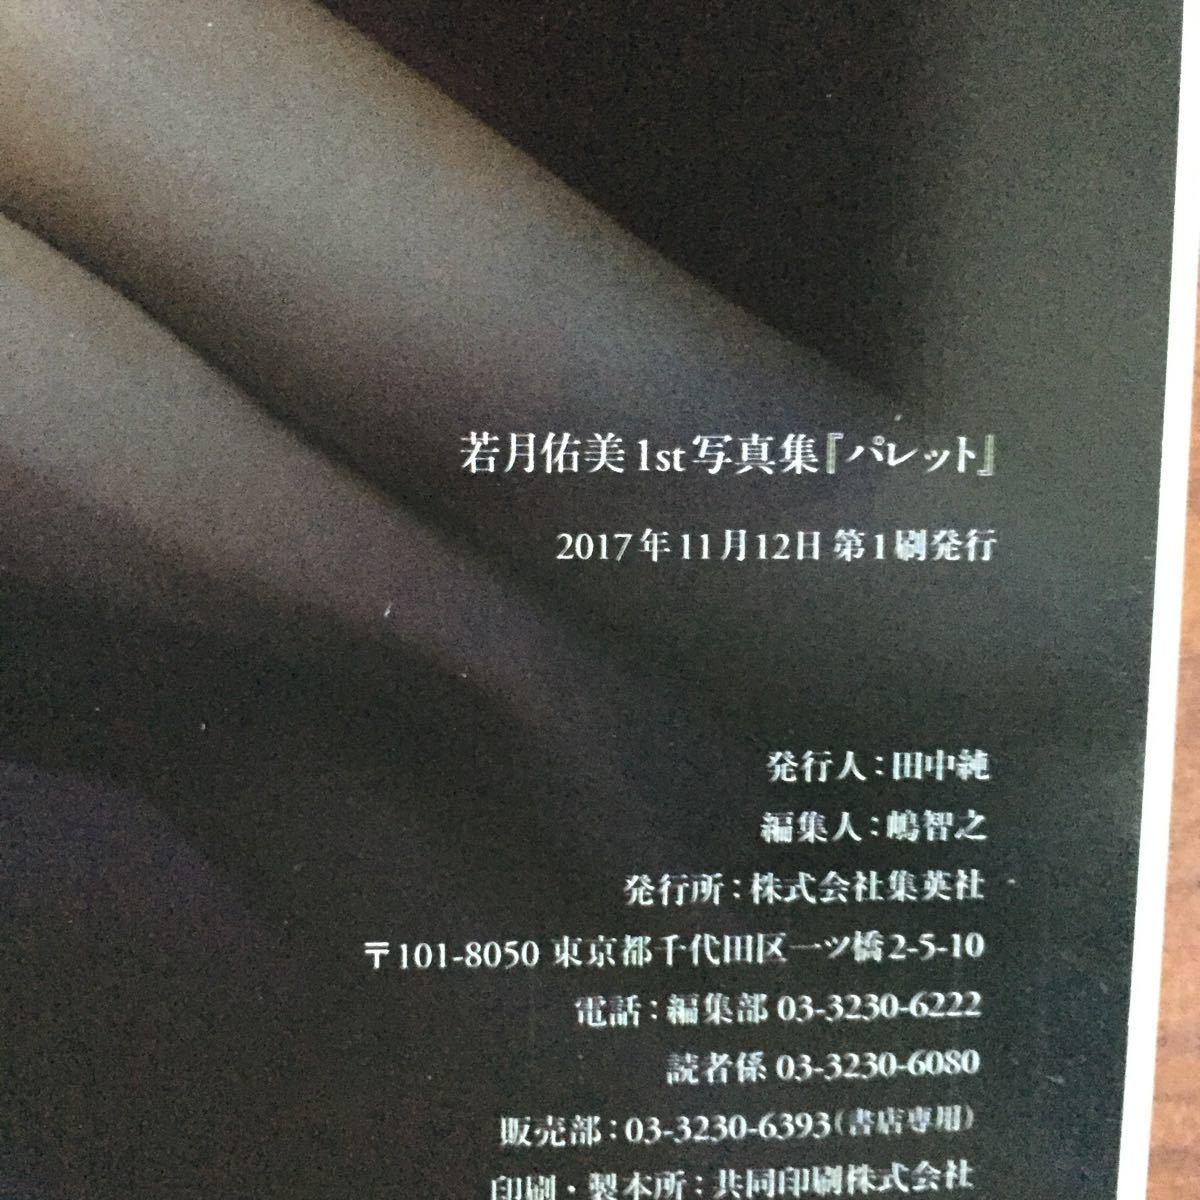 若月佑美 写真集 パレット 初版 しおり付き 乃木坂46